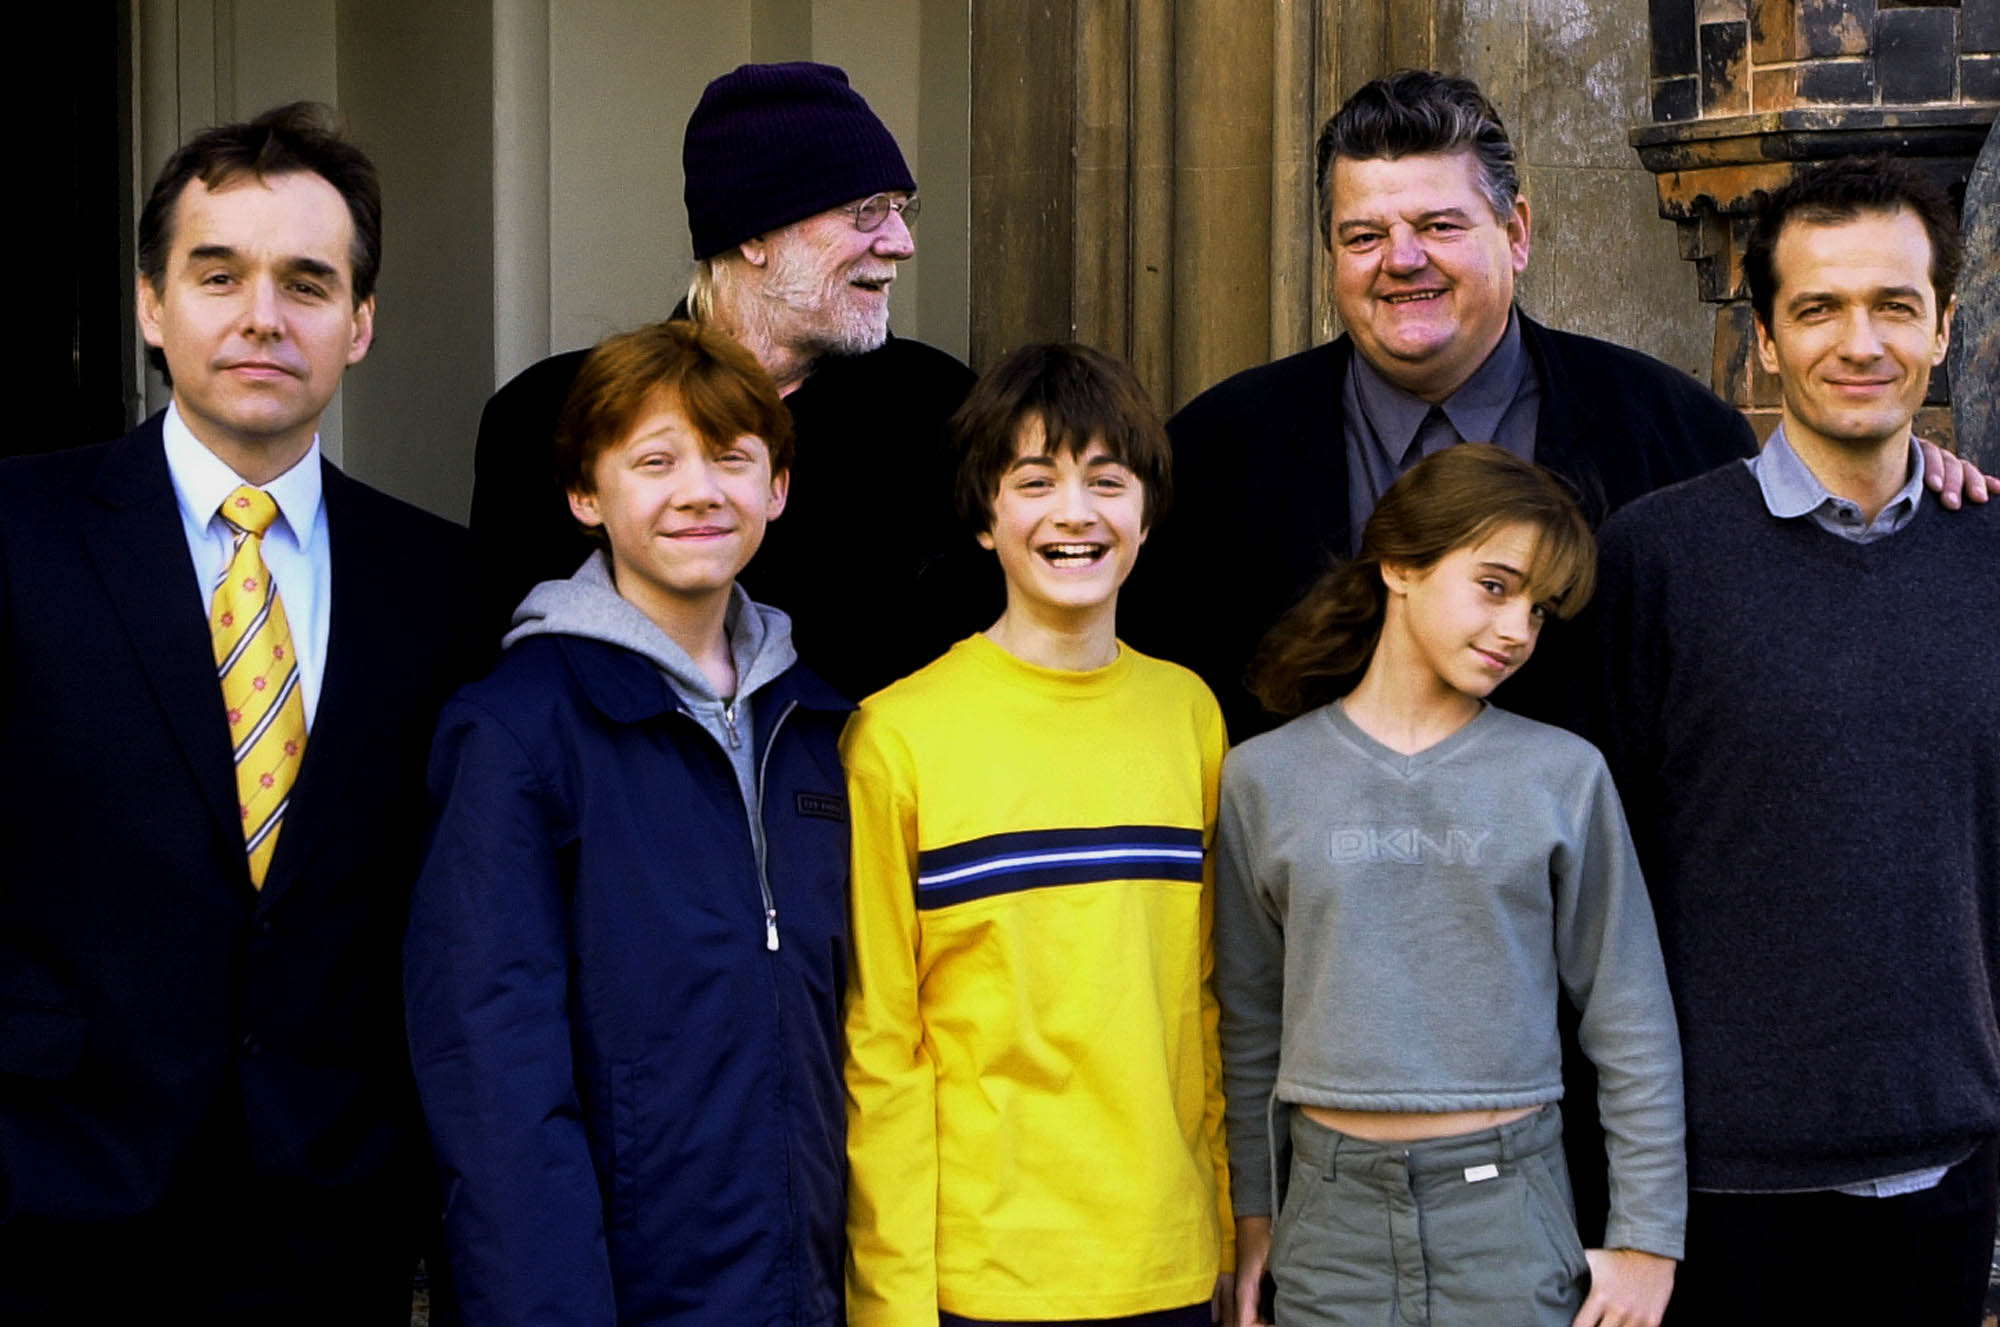 2001年11月6日,哈利波特電影劇組齊聚英國合影。前排為主要演員,分別扮演榮恩(左,由Rupert Grint飾演)、哈利波特(中,由Daniel Radcliffe飾演)、妙麗(右,由Emma Watson飾演)。(美聯社)